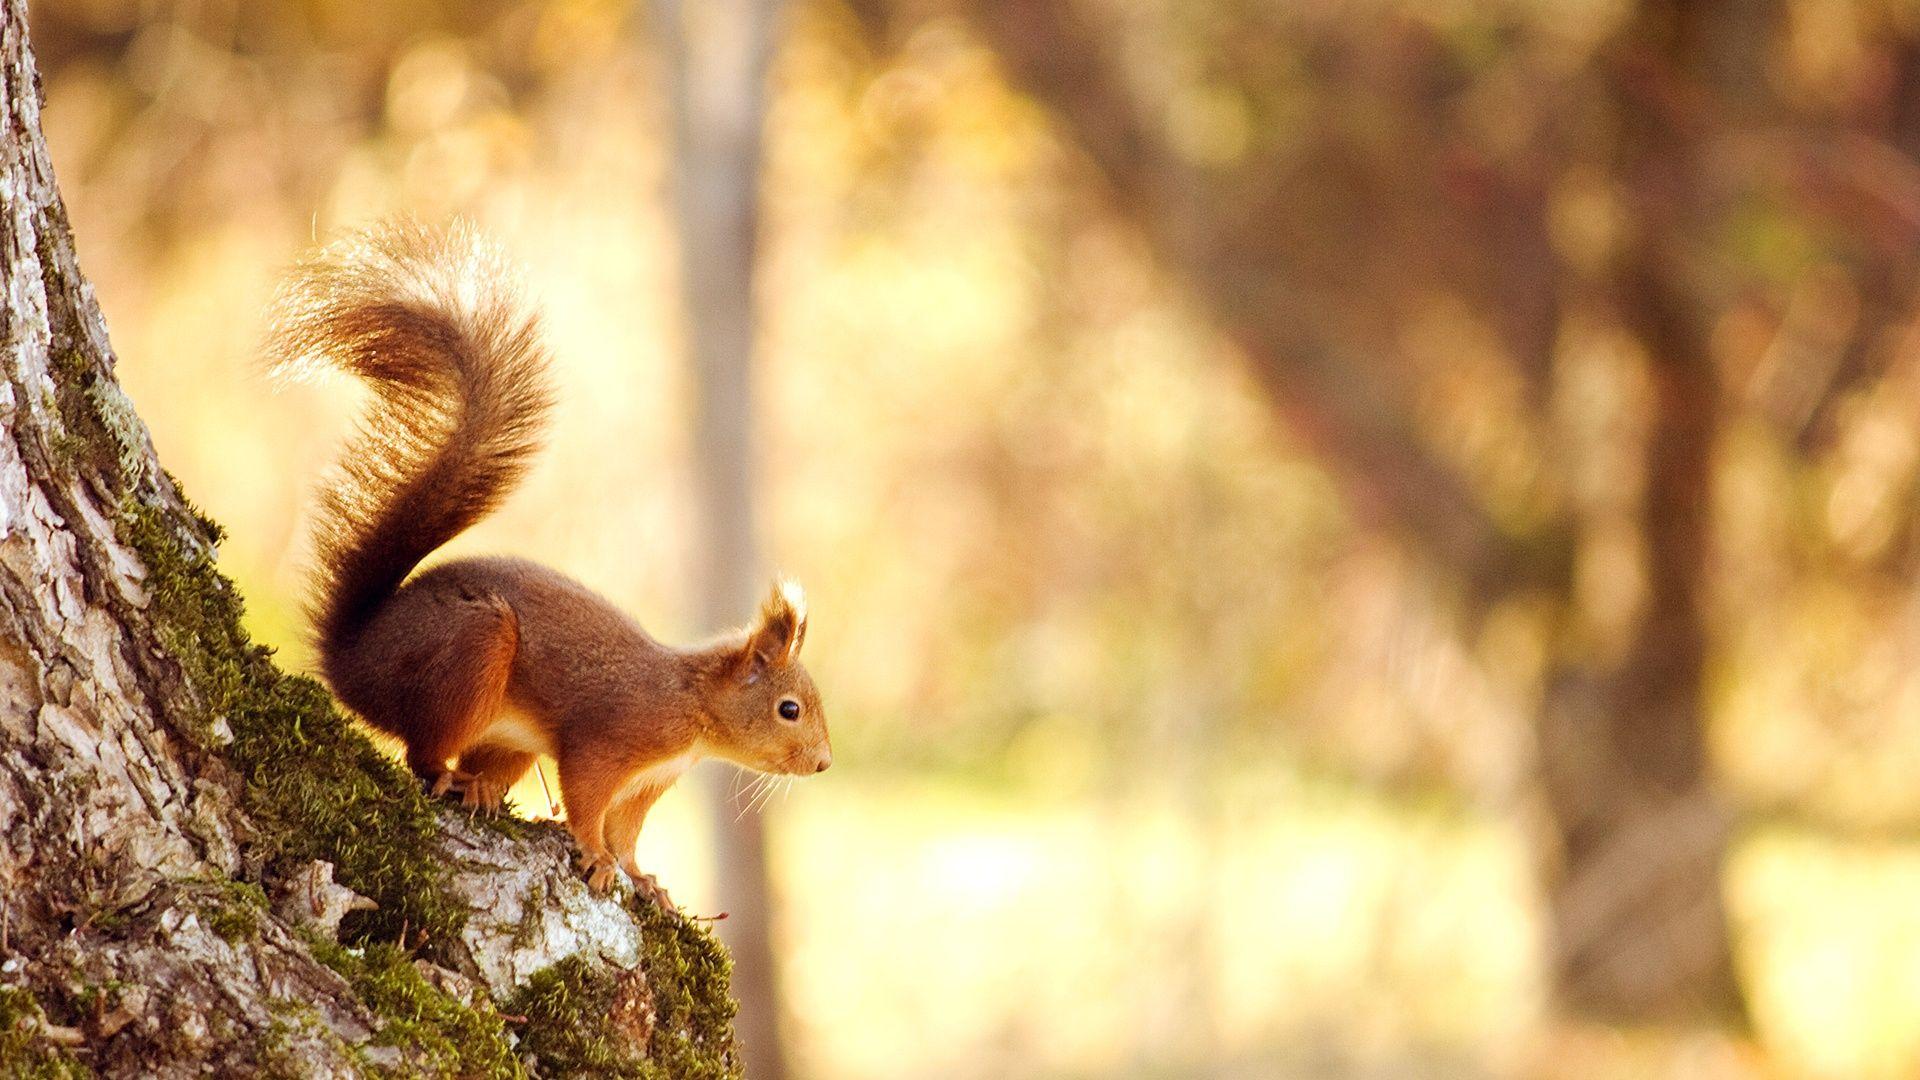 Autumn Nature Nuts Squirrel